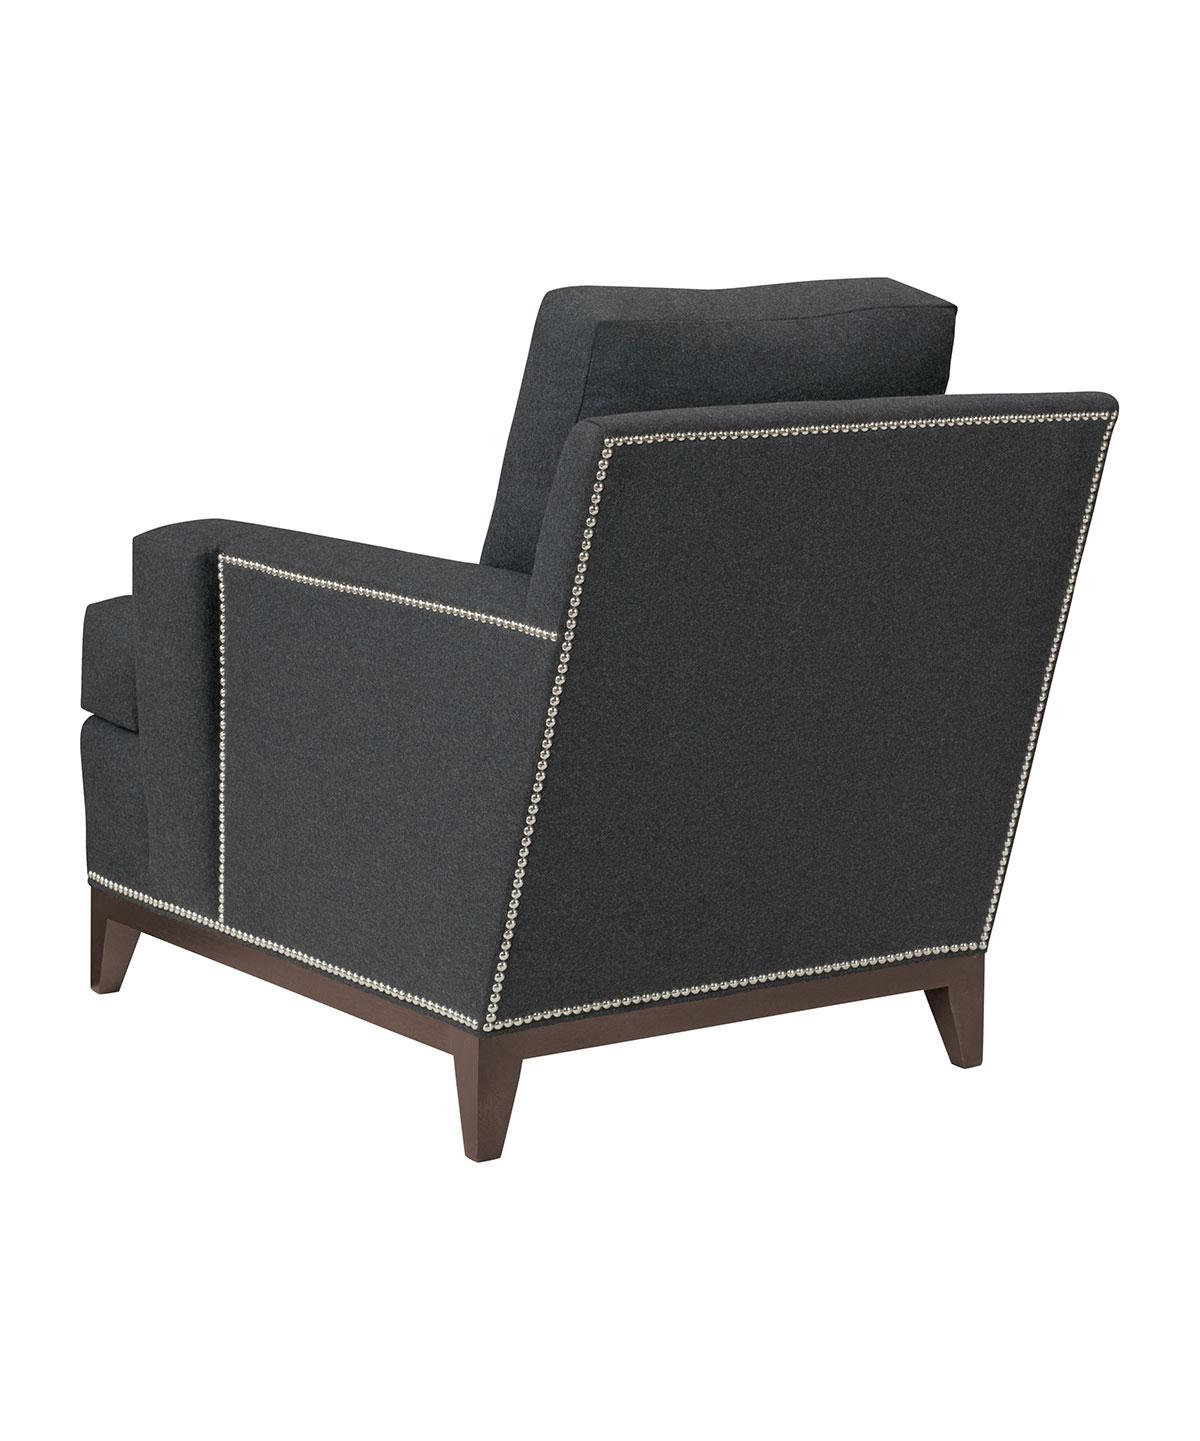 9th Street Chair